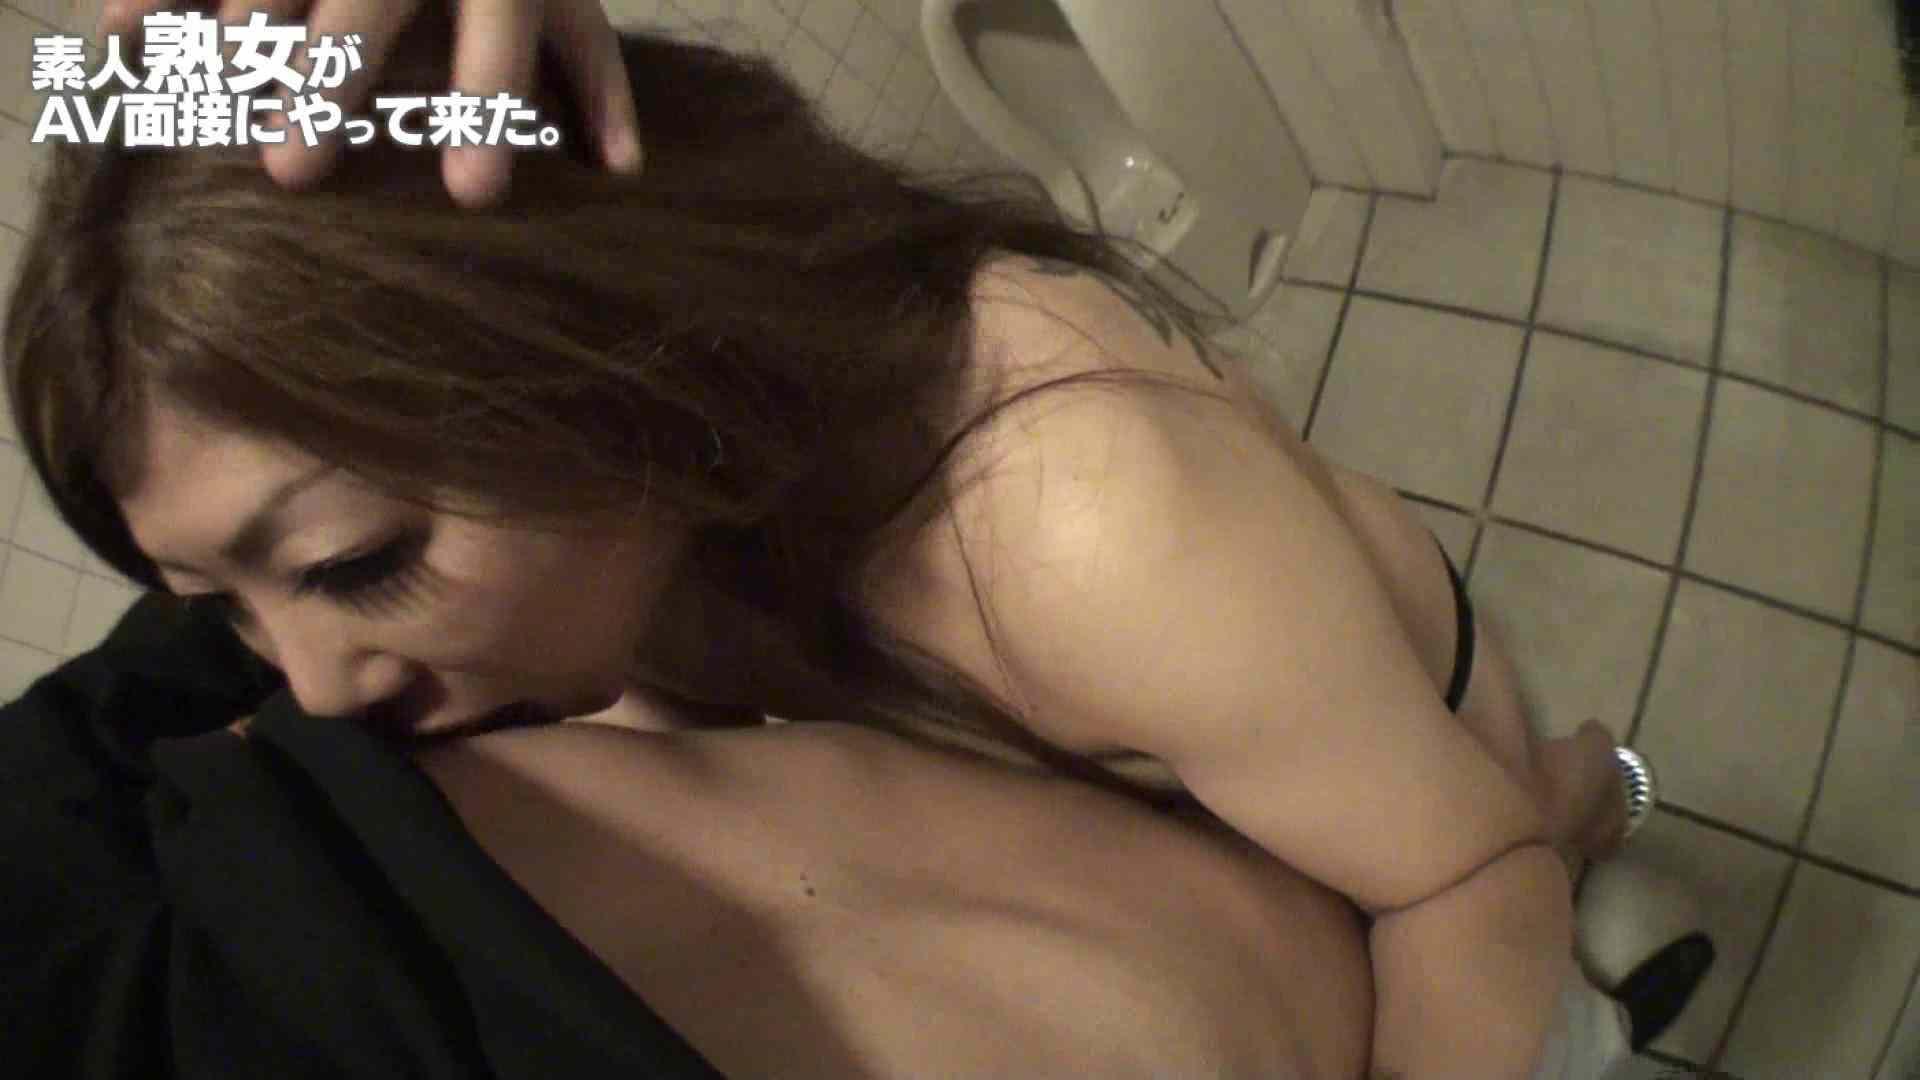 素人熟女がAV面接にやってきた (仮名)ゆかさんVOL.02 トイレ盗撮 おめこ無修正画像 73pic 39